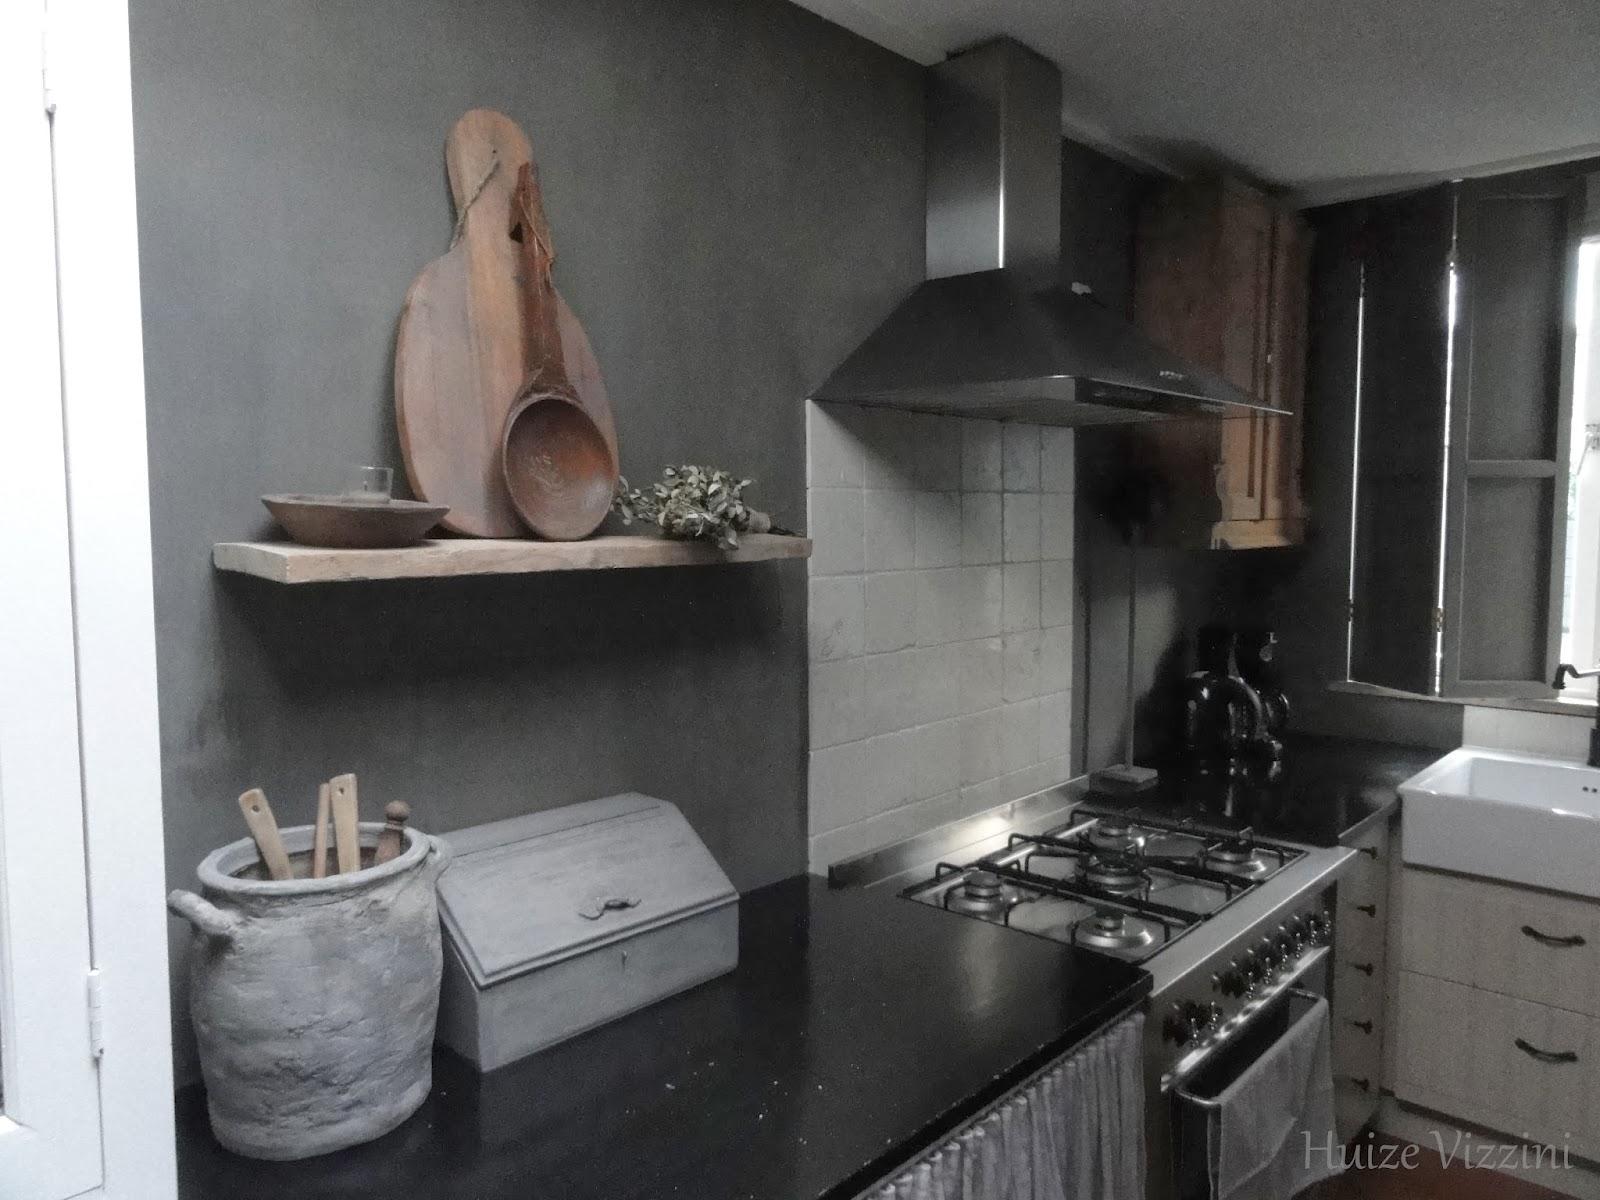 Riviera Maison Keuken Pot : heb ik er nog terug gehangen. Er is nu veel meer rust in de keuken